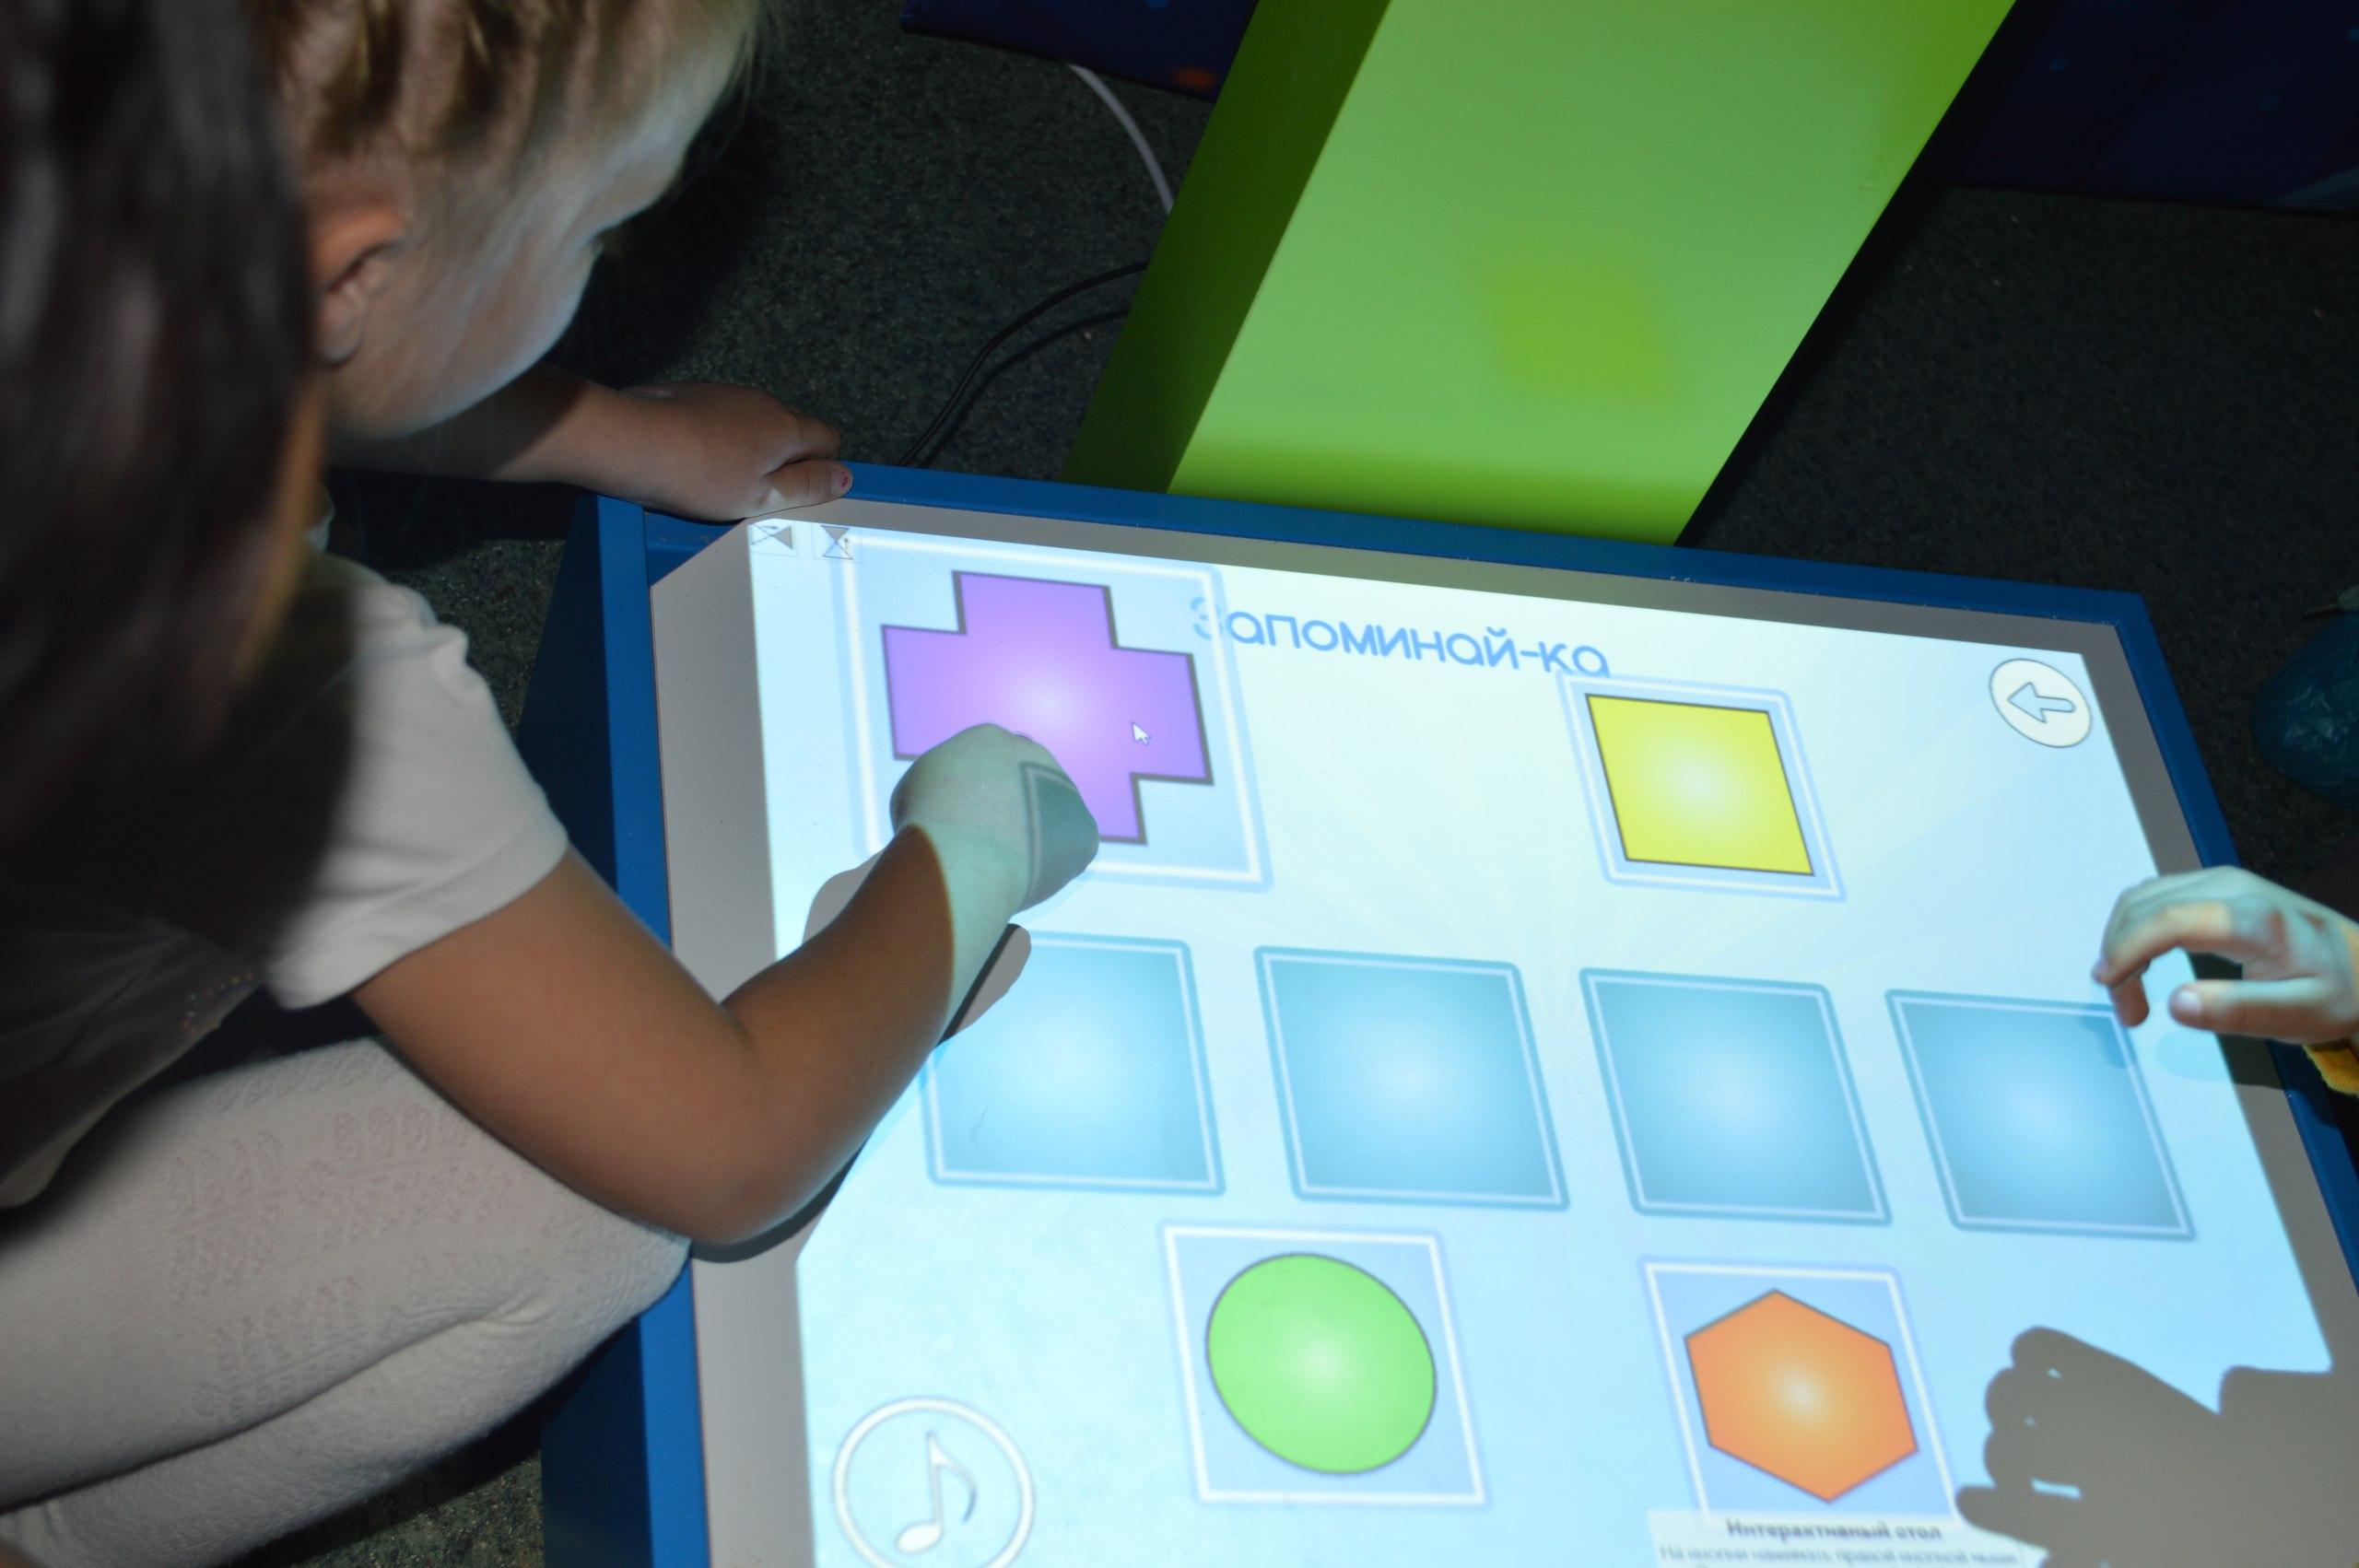 Интерактивная песочница в Нижнем Новгороде